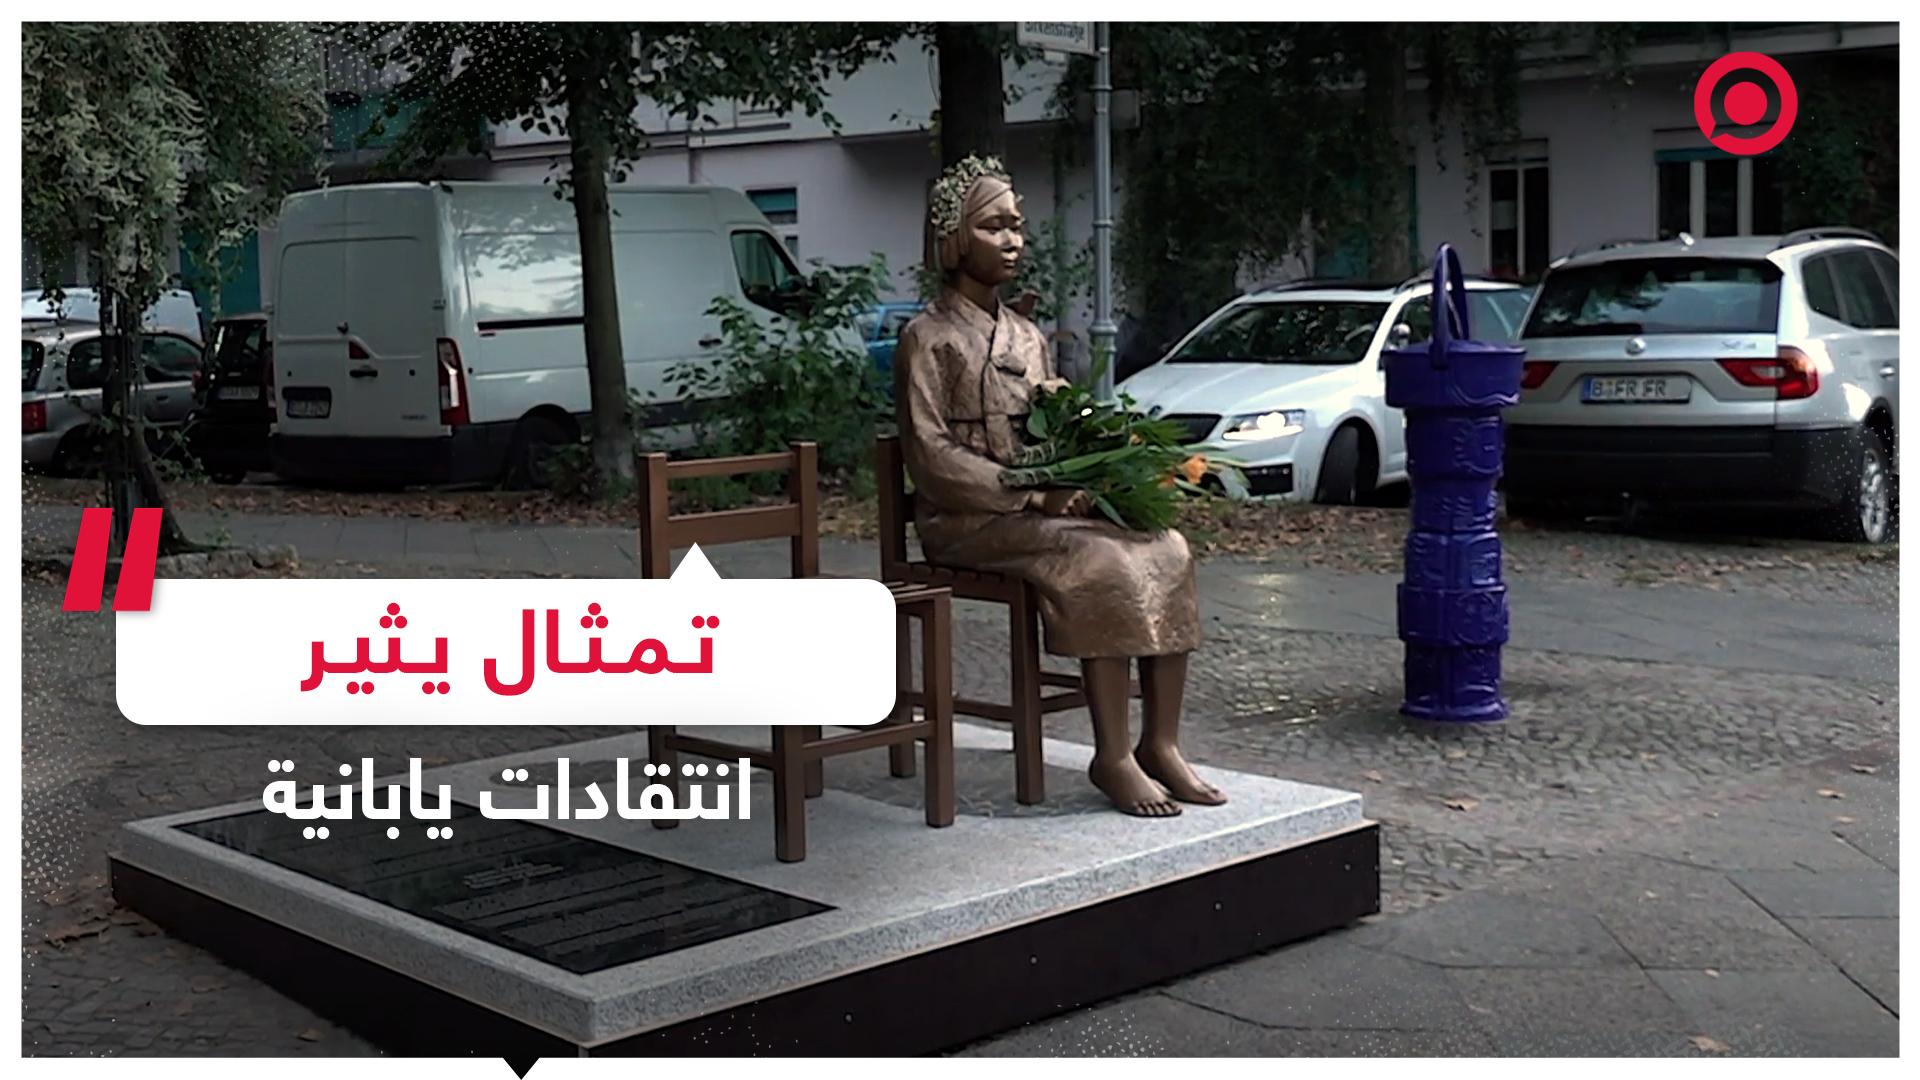 برلين تنصب تمثالا ضد العبودية الجنسية والحكومة اليابانية تدعو إلى إزالته